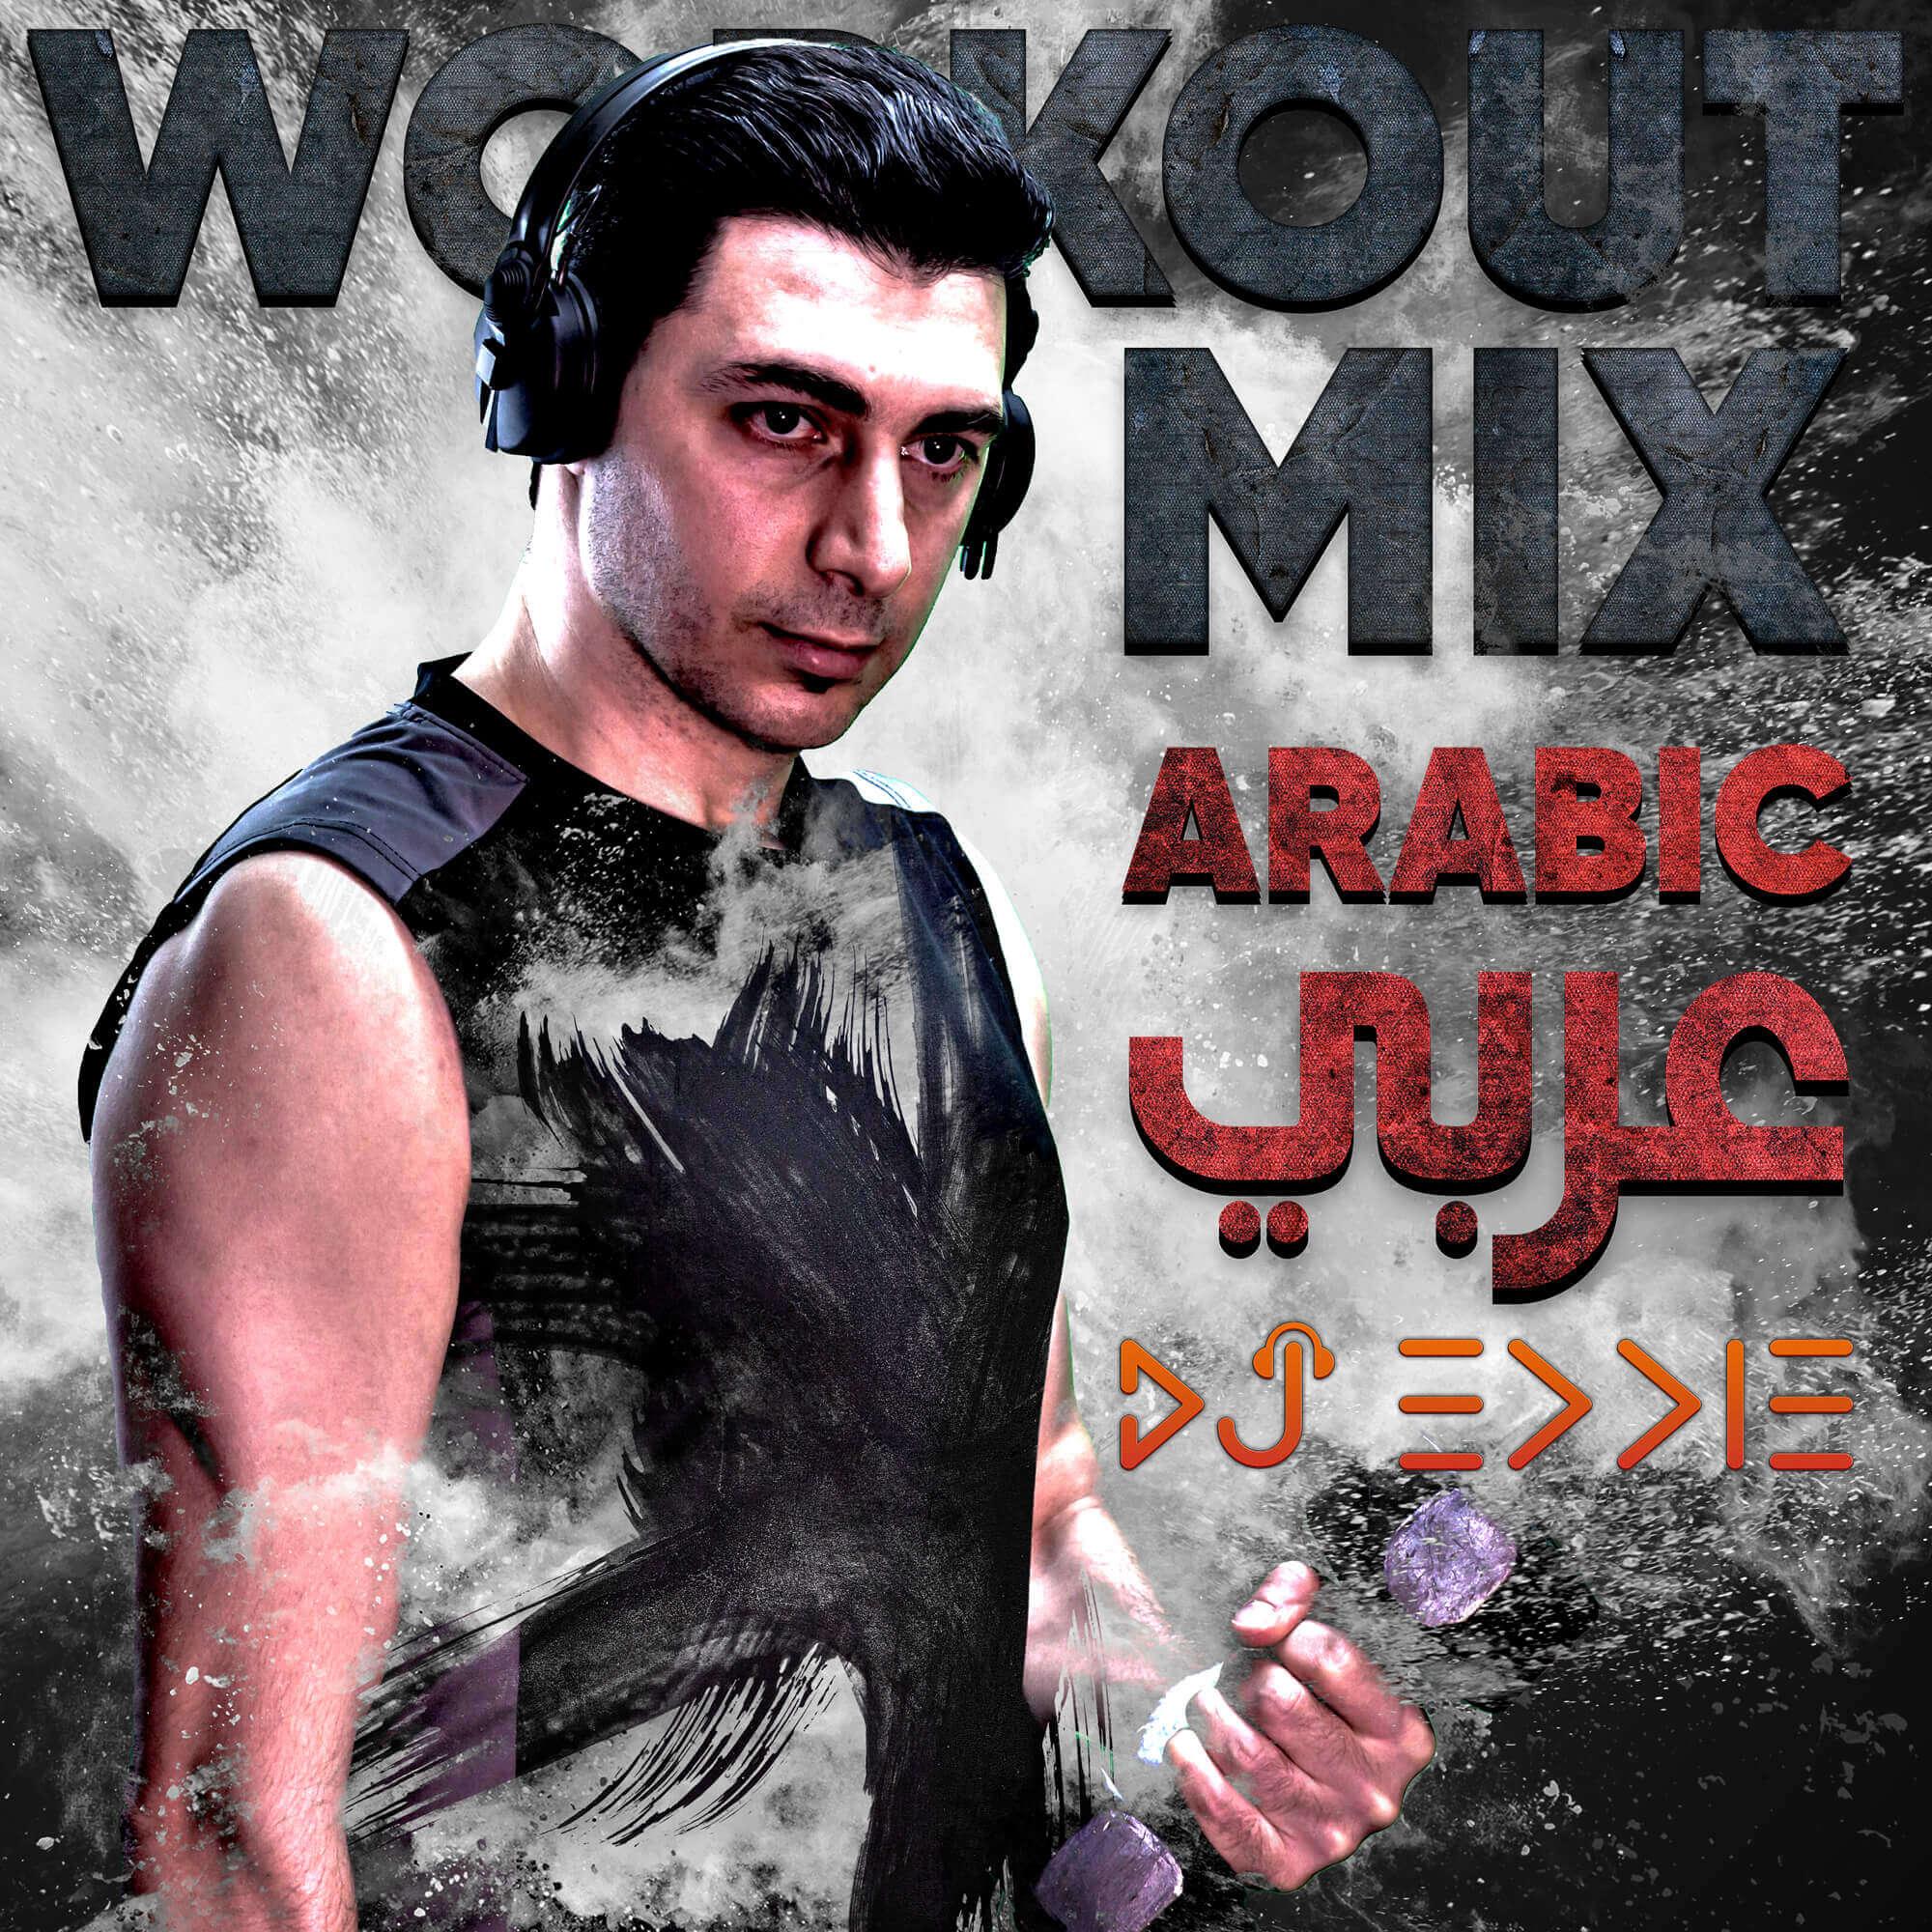 Workout Mix Arabic Fitness & Gym Motivational Music كارديو ميكس اغاني جيم و رياضة عربية